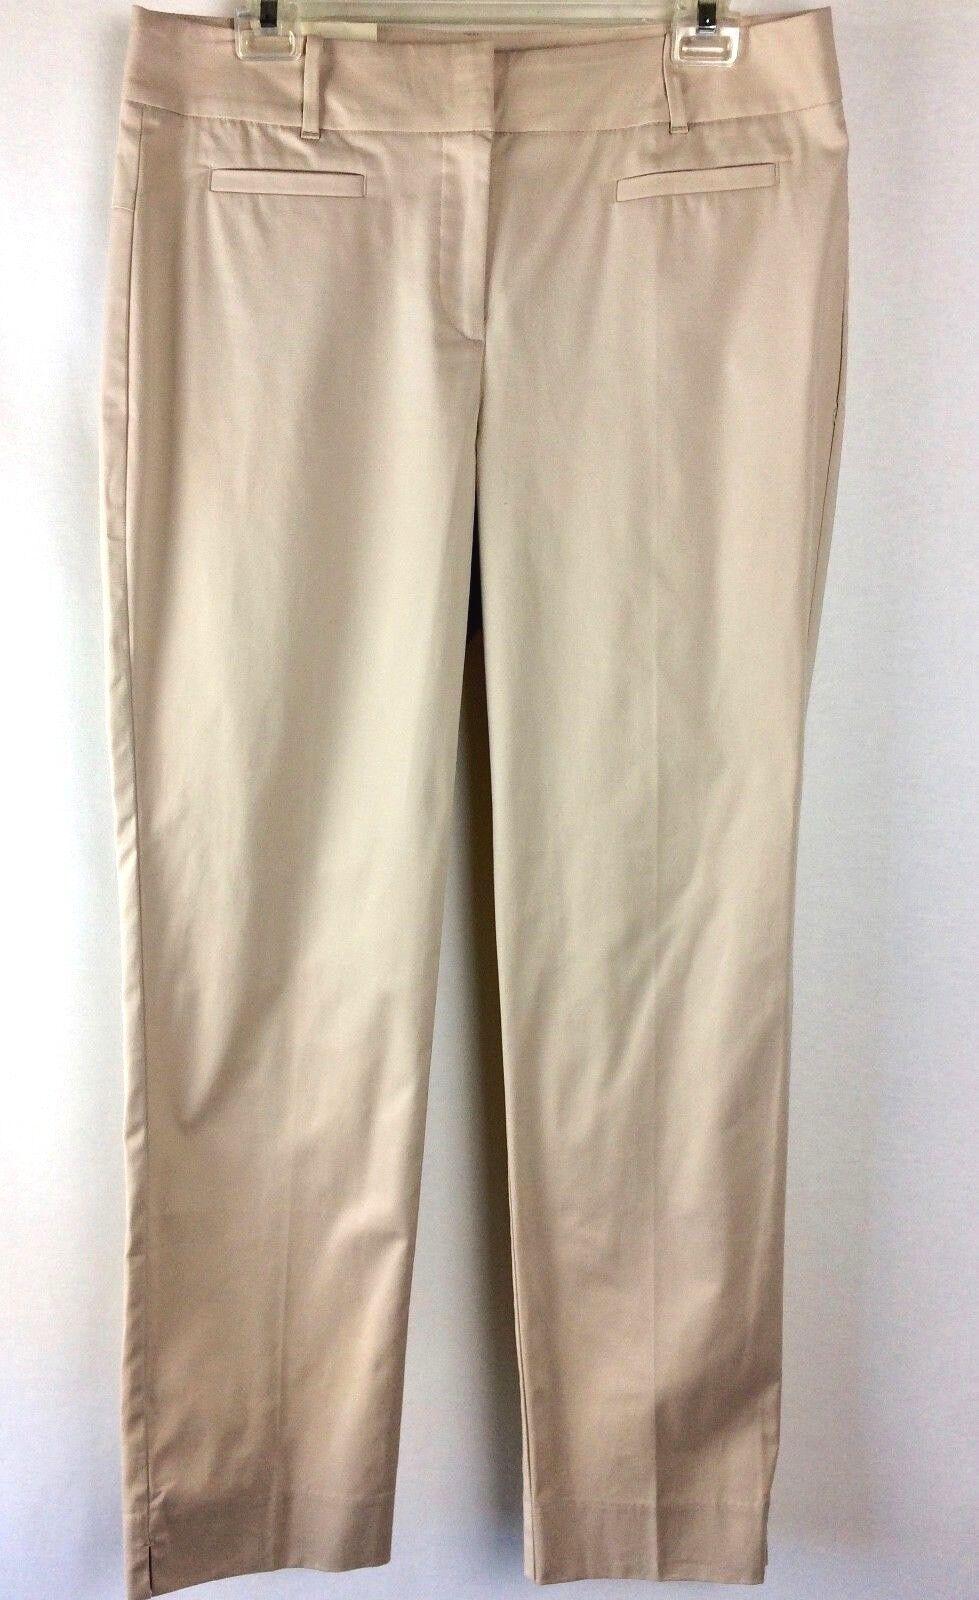 Ann Taylor Women'n Ankle Pants Curvy Fit